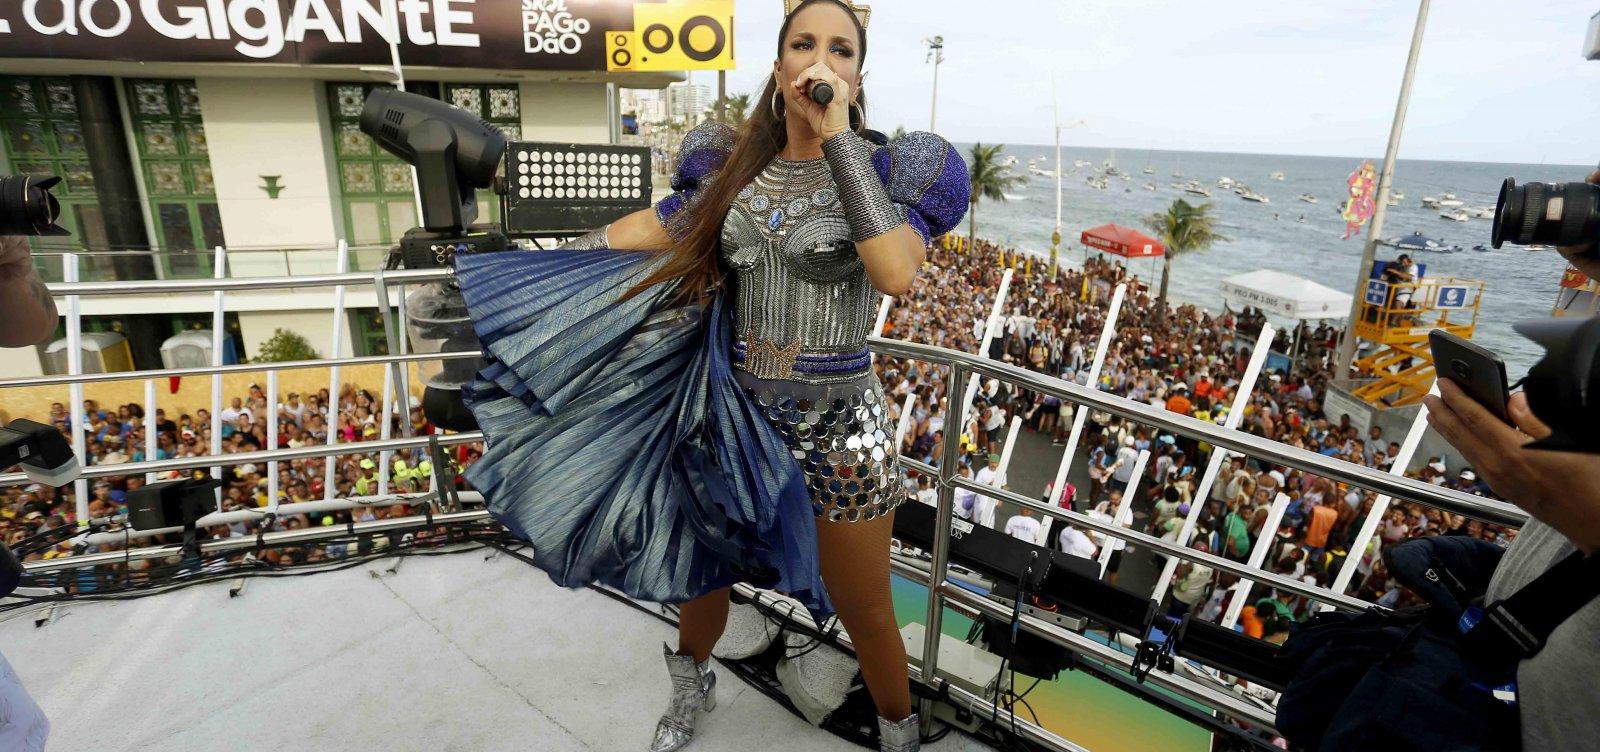 ['Eva' e 'Contatinho' foram as músicas mais tocadas no Carnaval 2020 em todo o país]